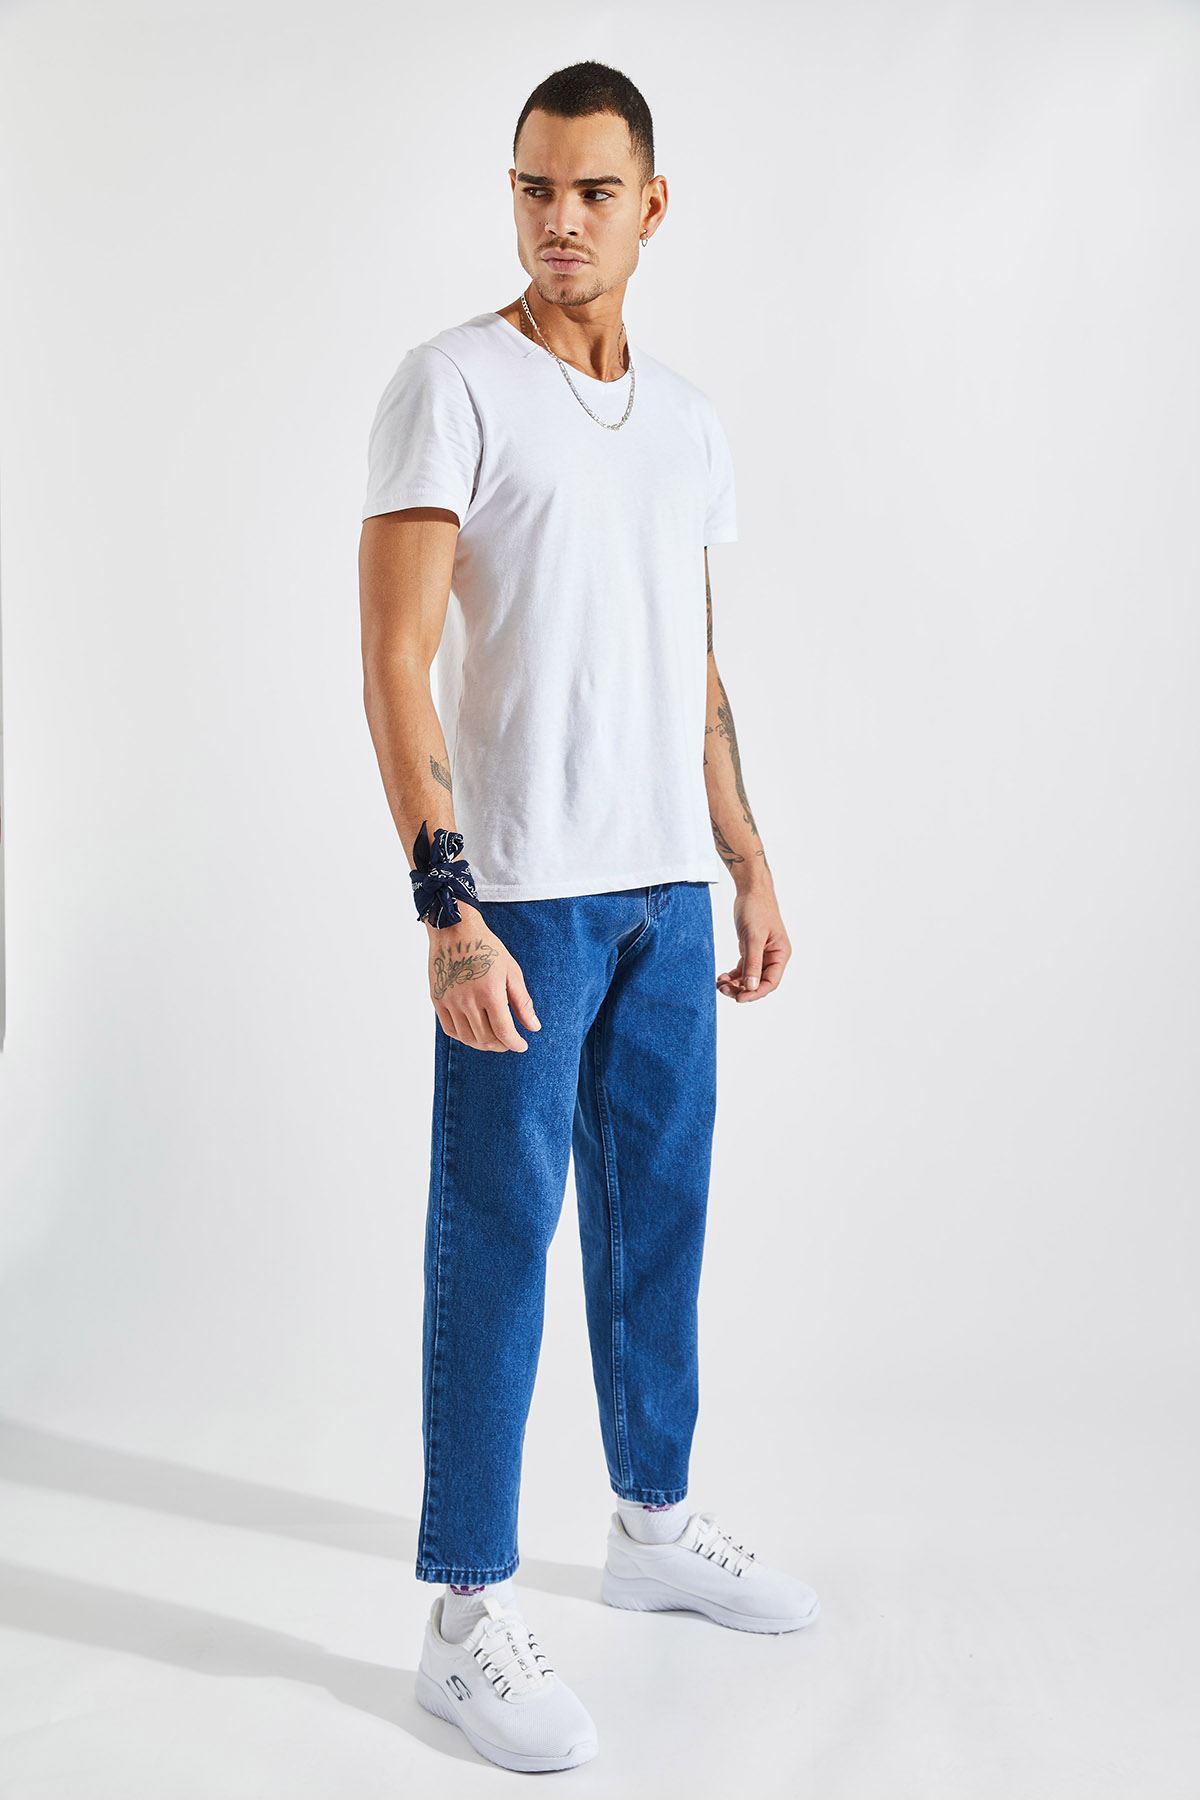 Erkek Boyfriend Açık Mavi Kot Pantolon